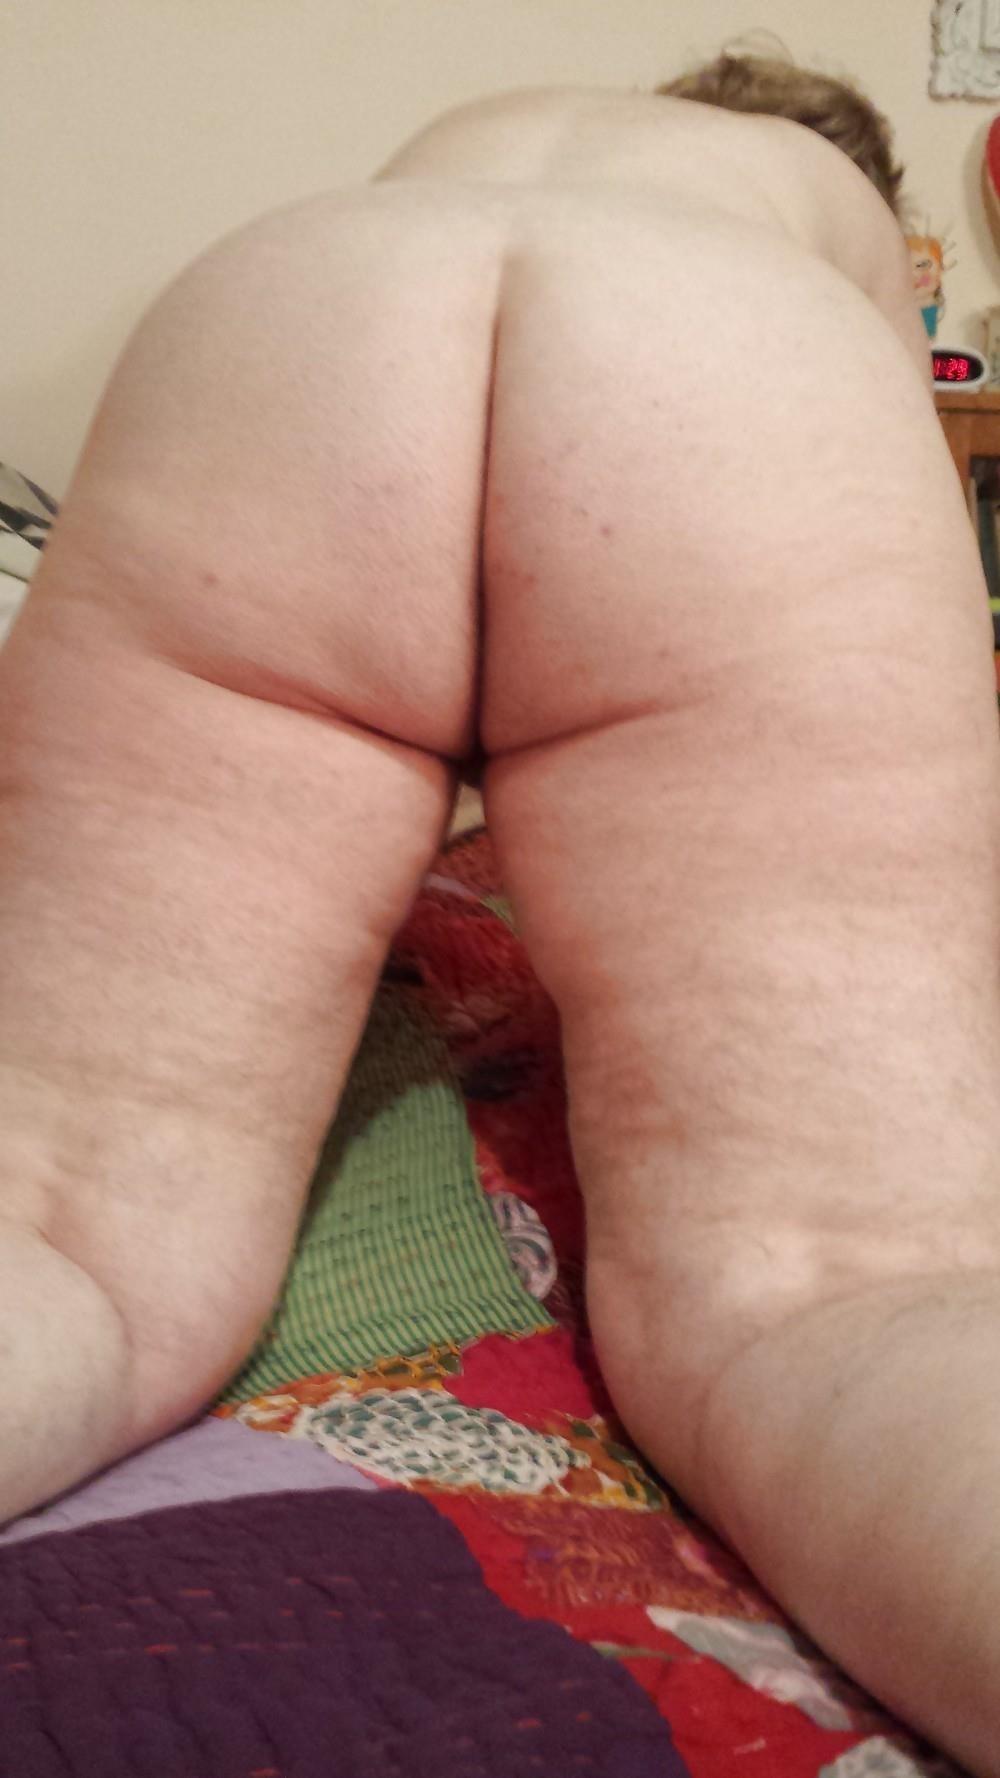 Chubby granny nude pics-7317